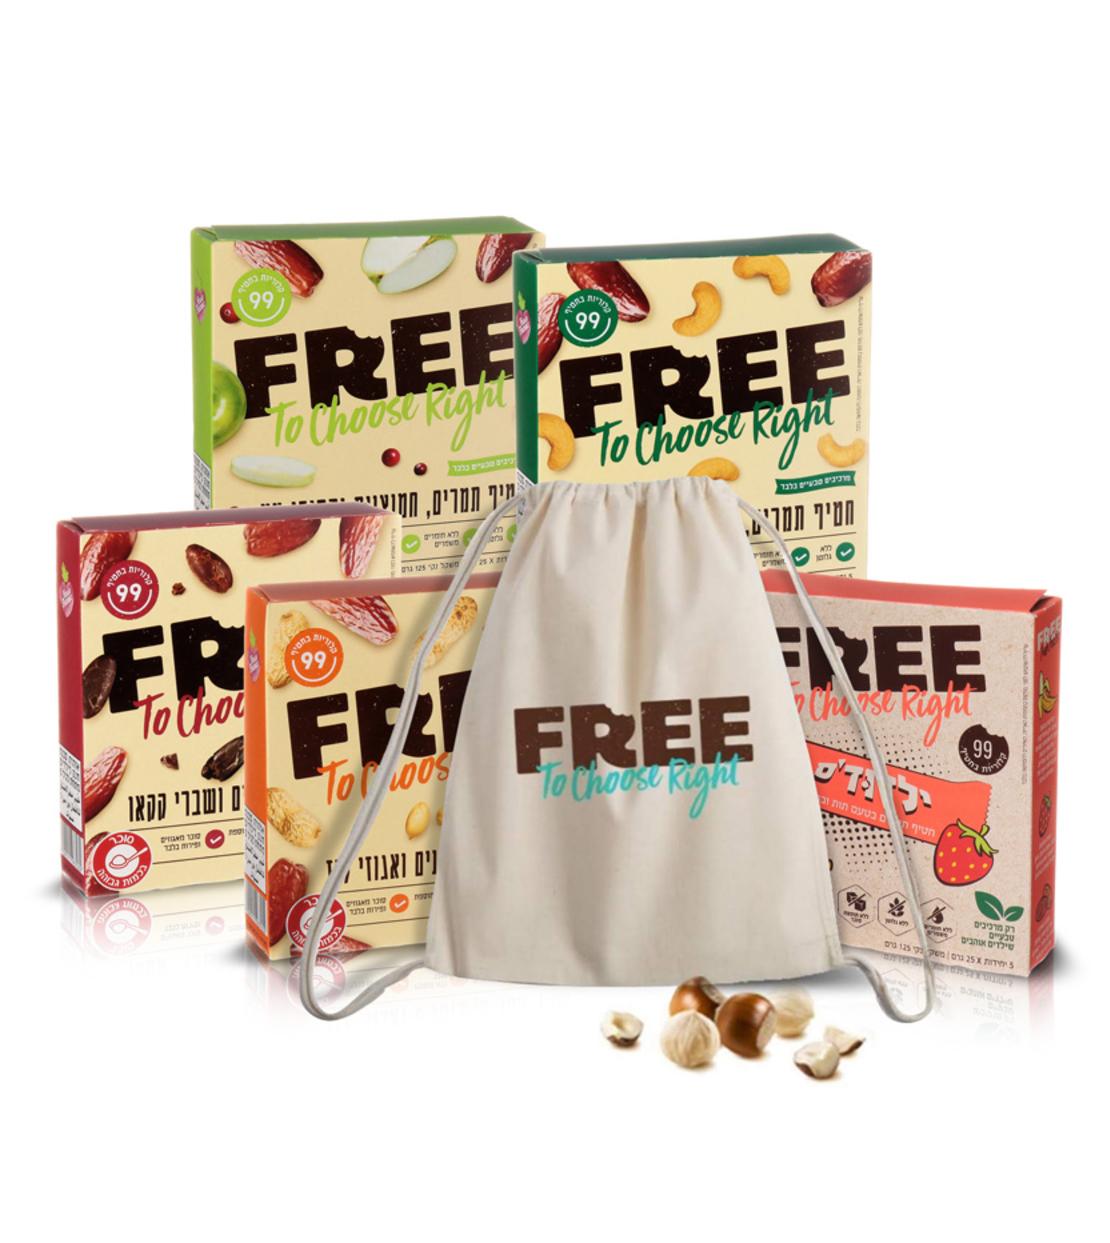 FREE פרי מארז חטיפי תמרים ותיק מתנה